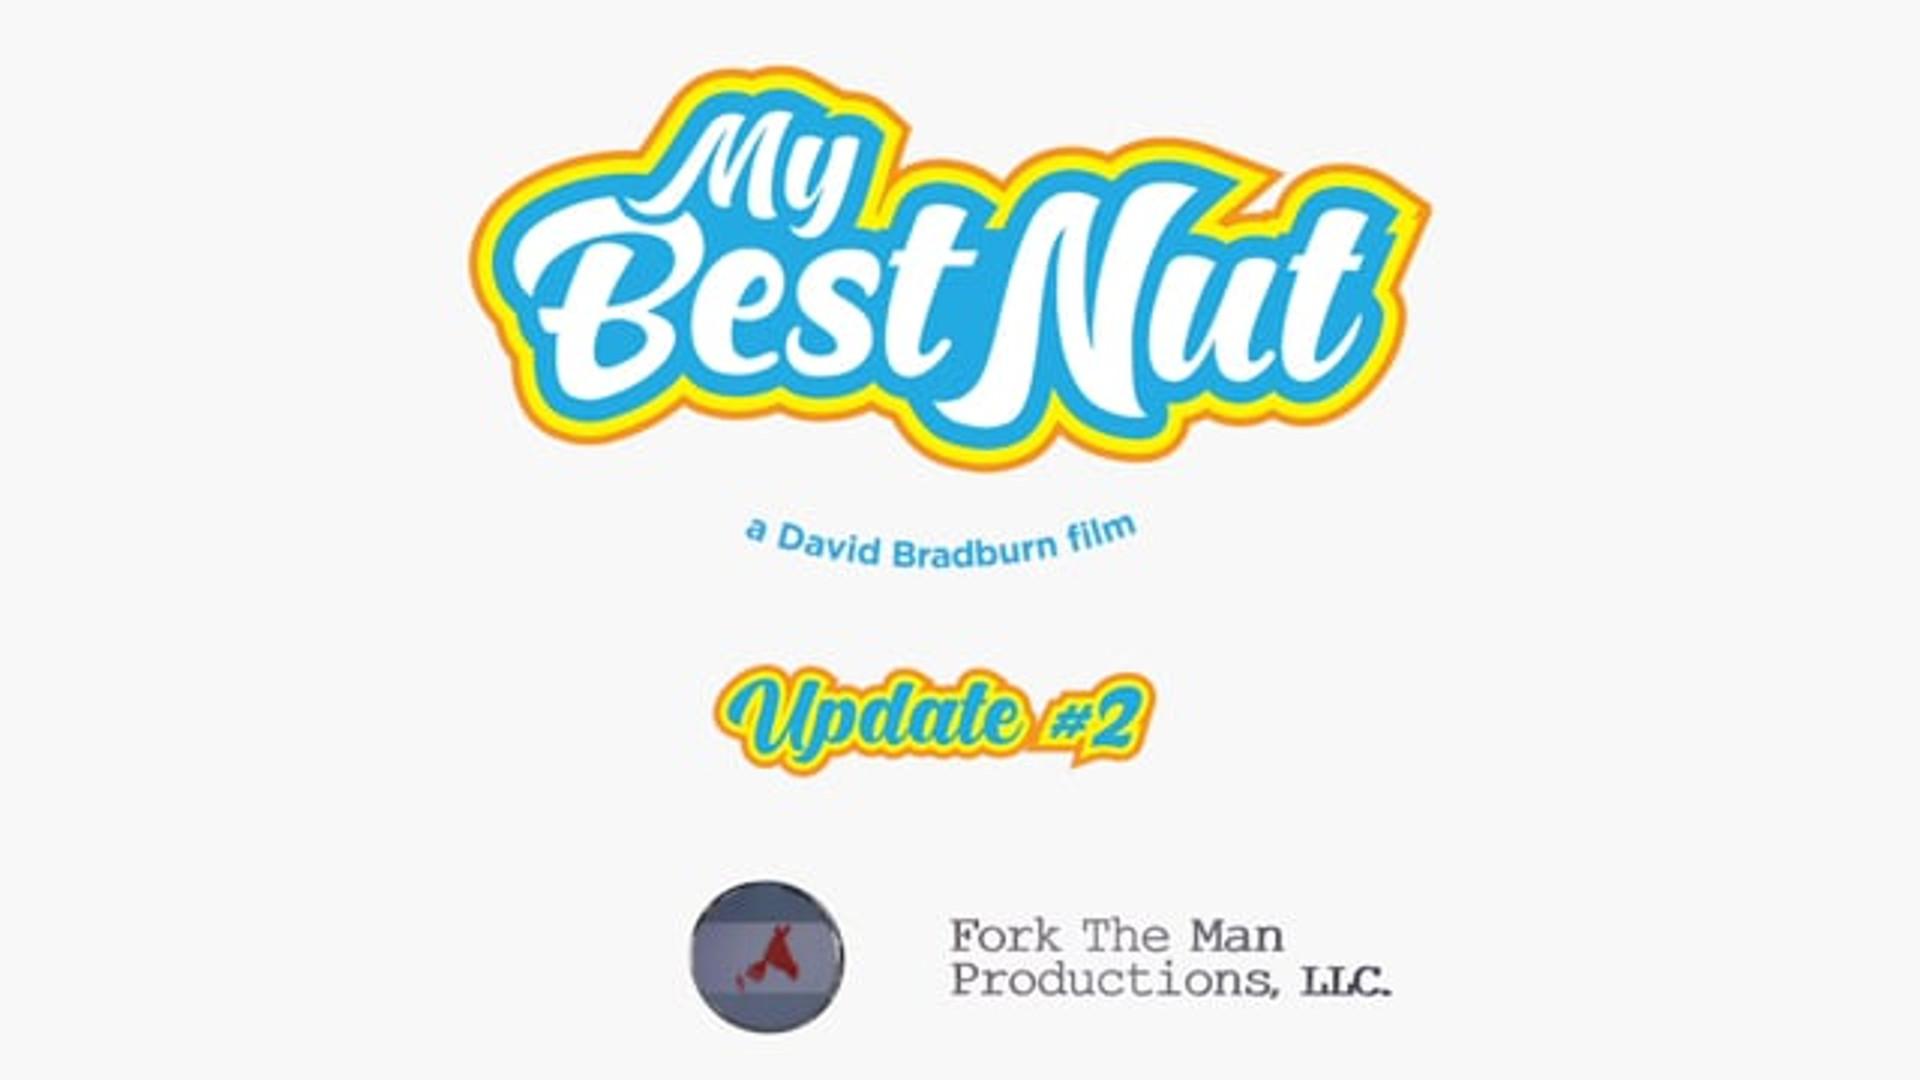 My Best Nut: Update 02